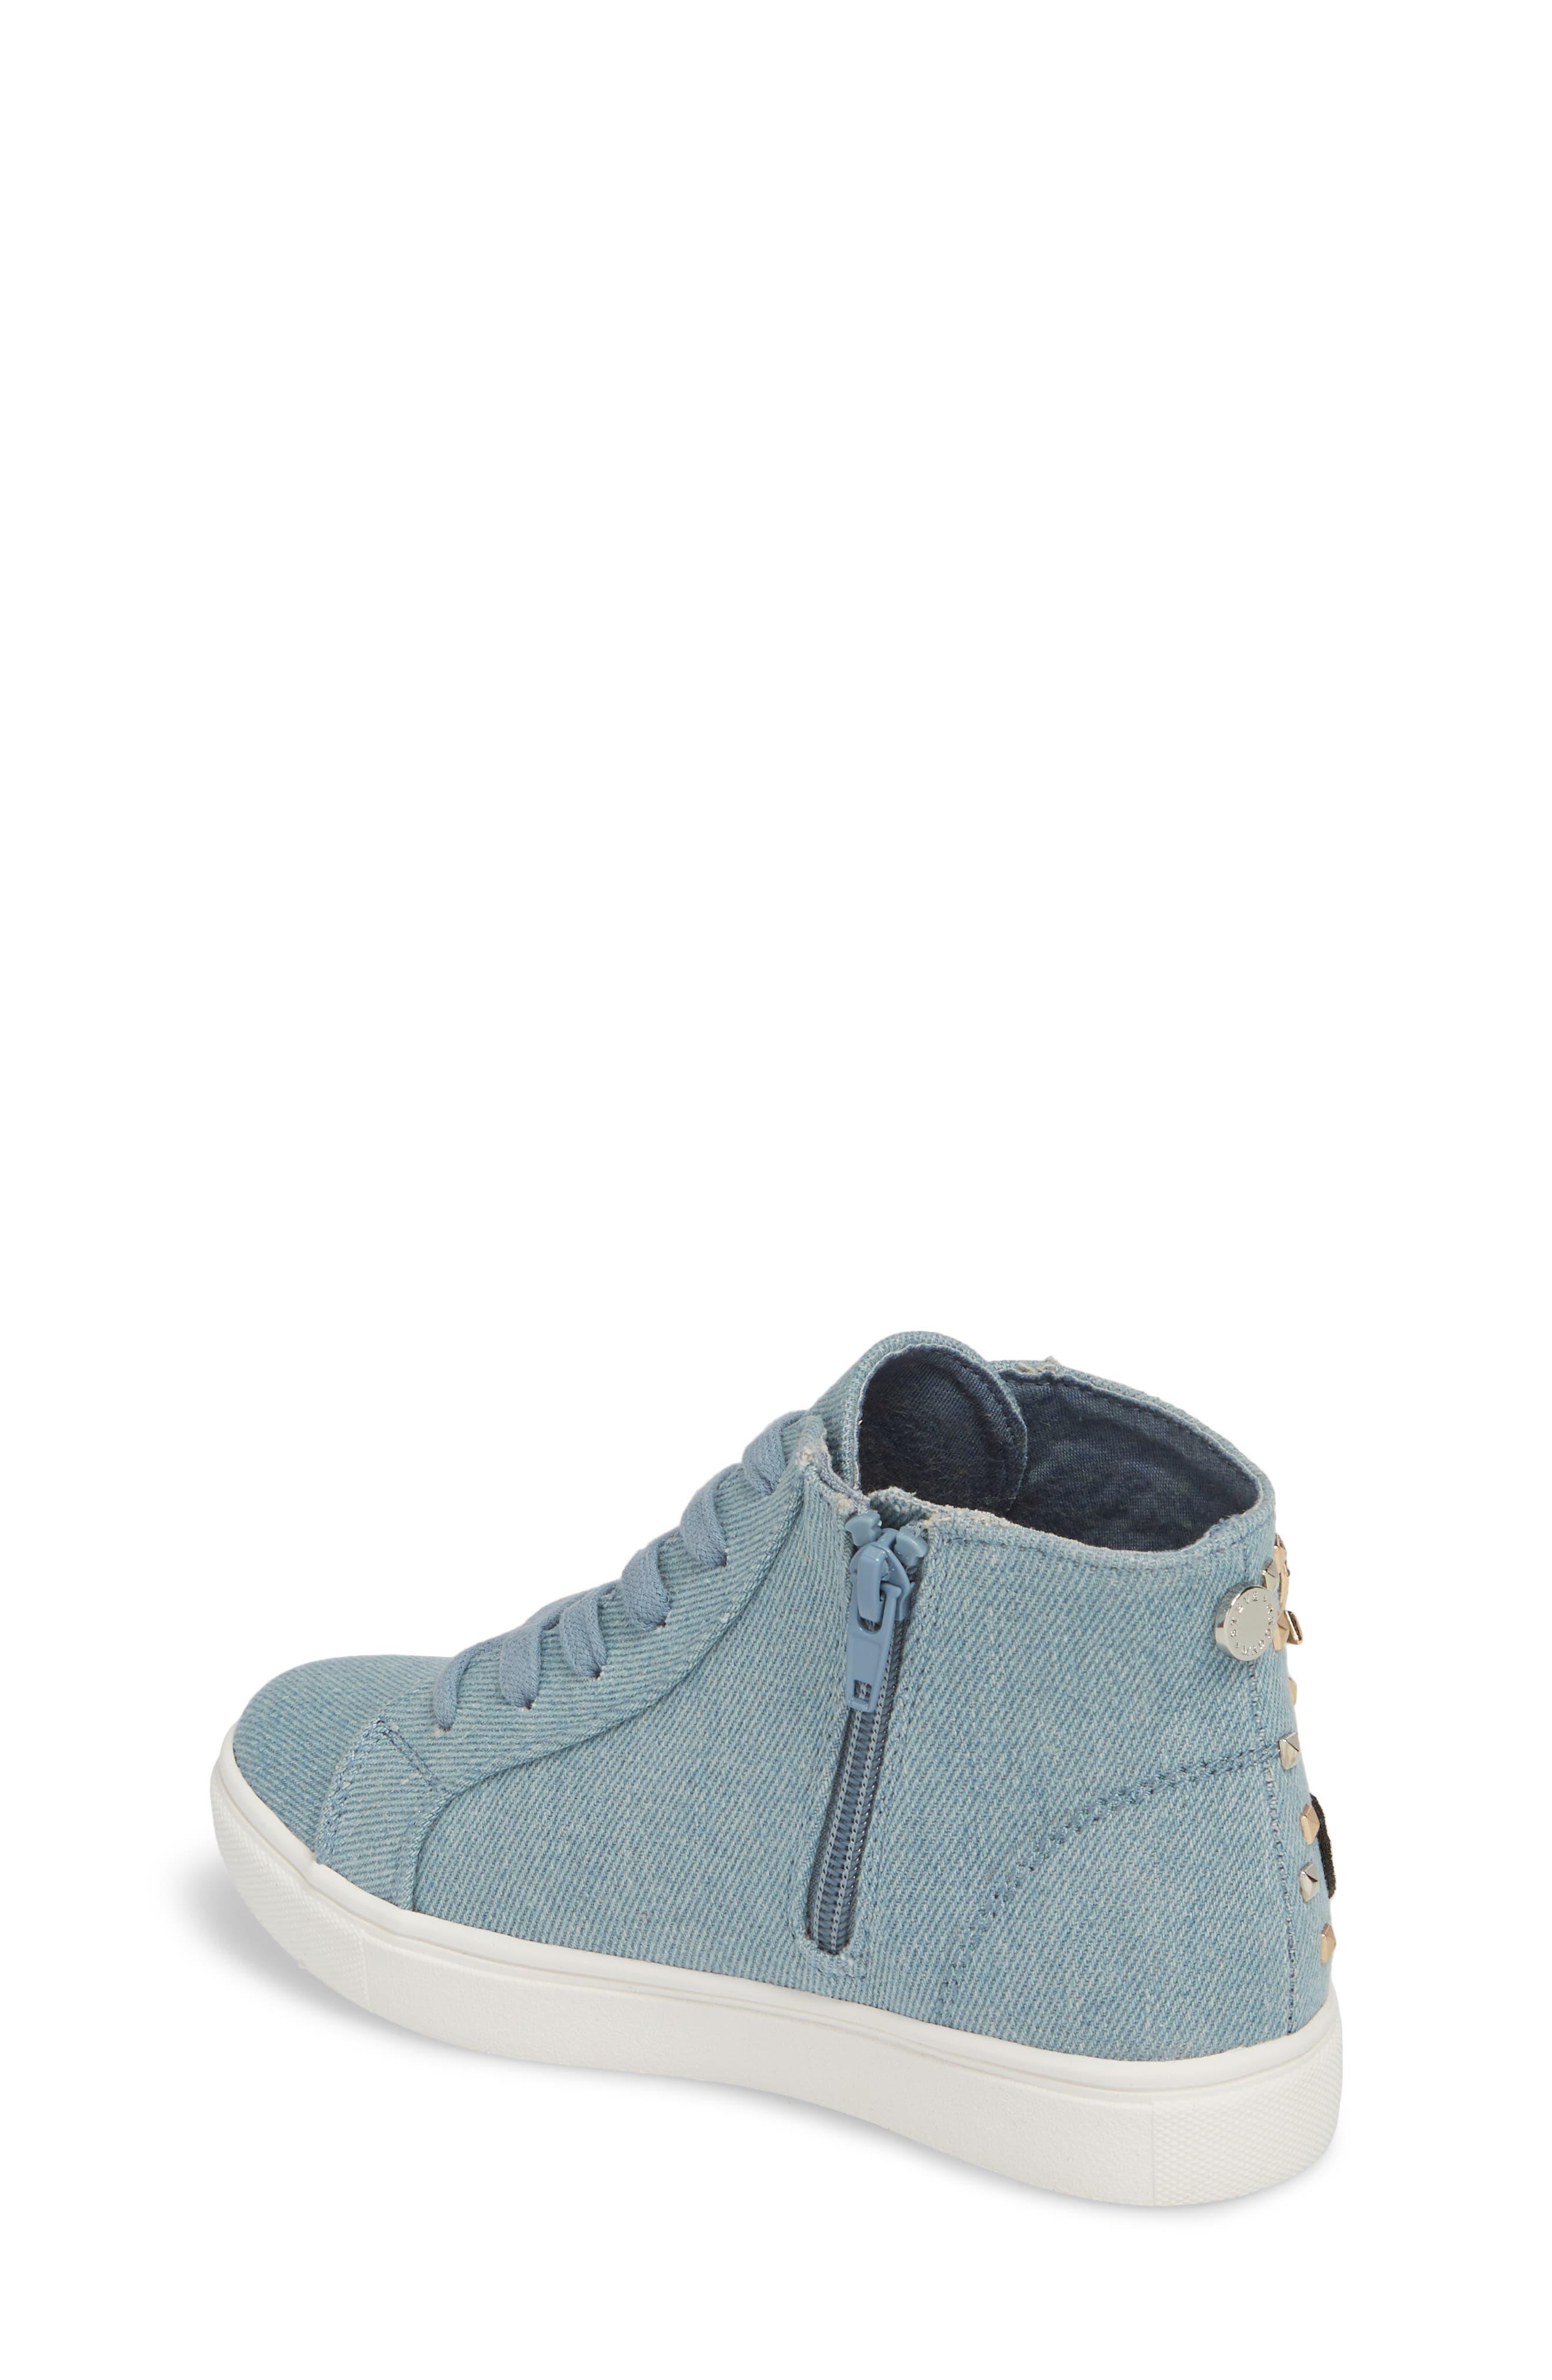 JKOOKIE High Top Sneaker,                             Alternate thumbnail 2, color,                             Denim